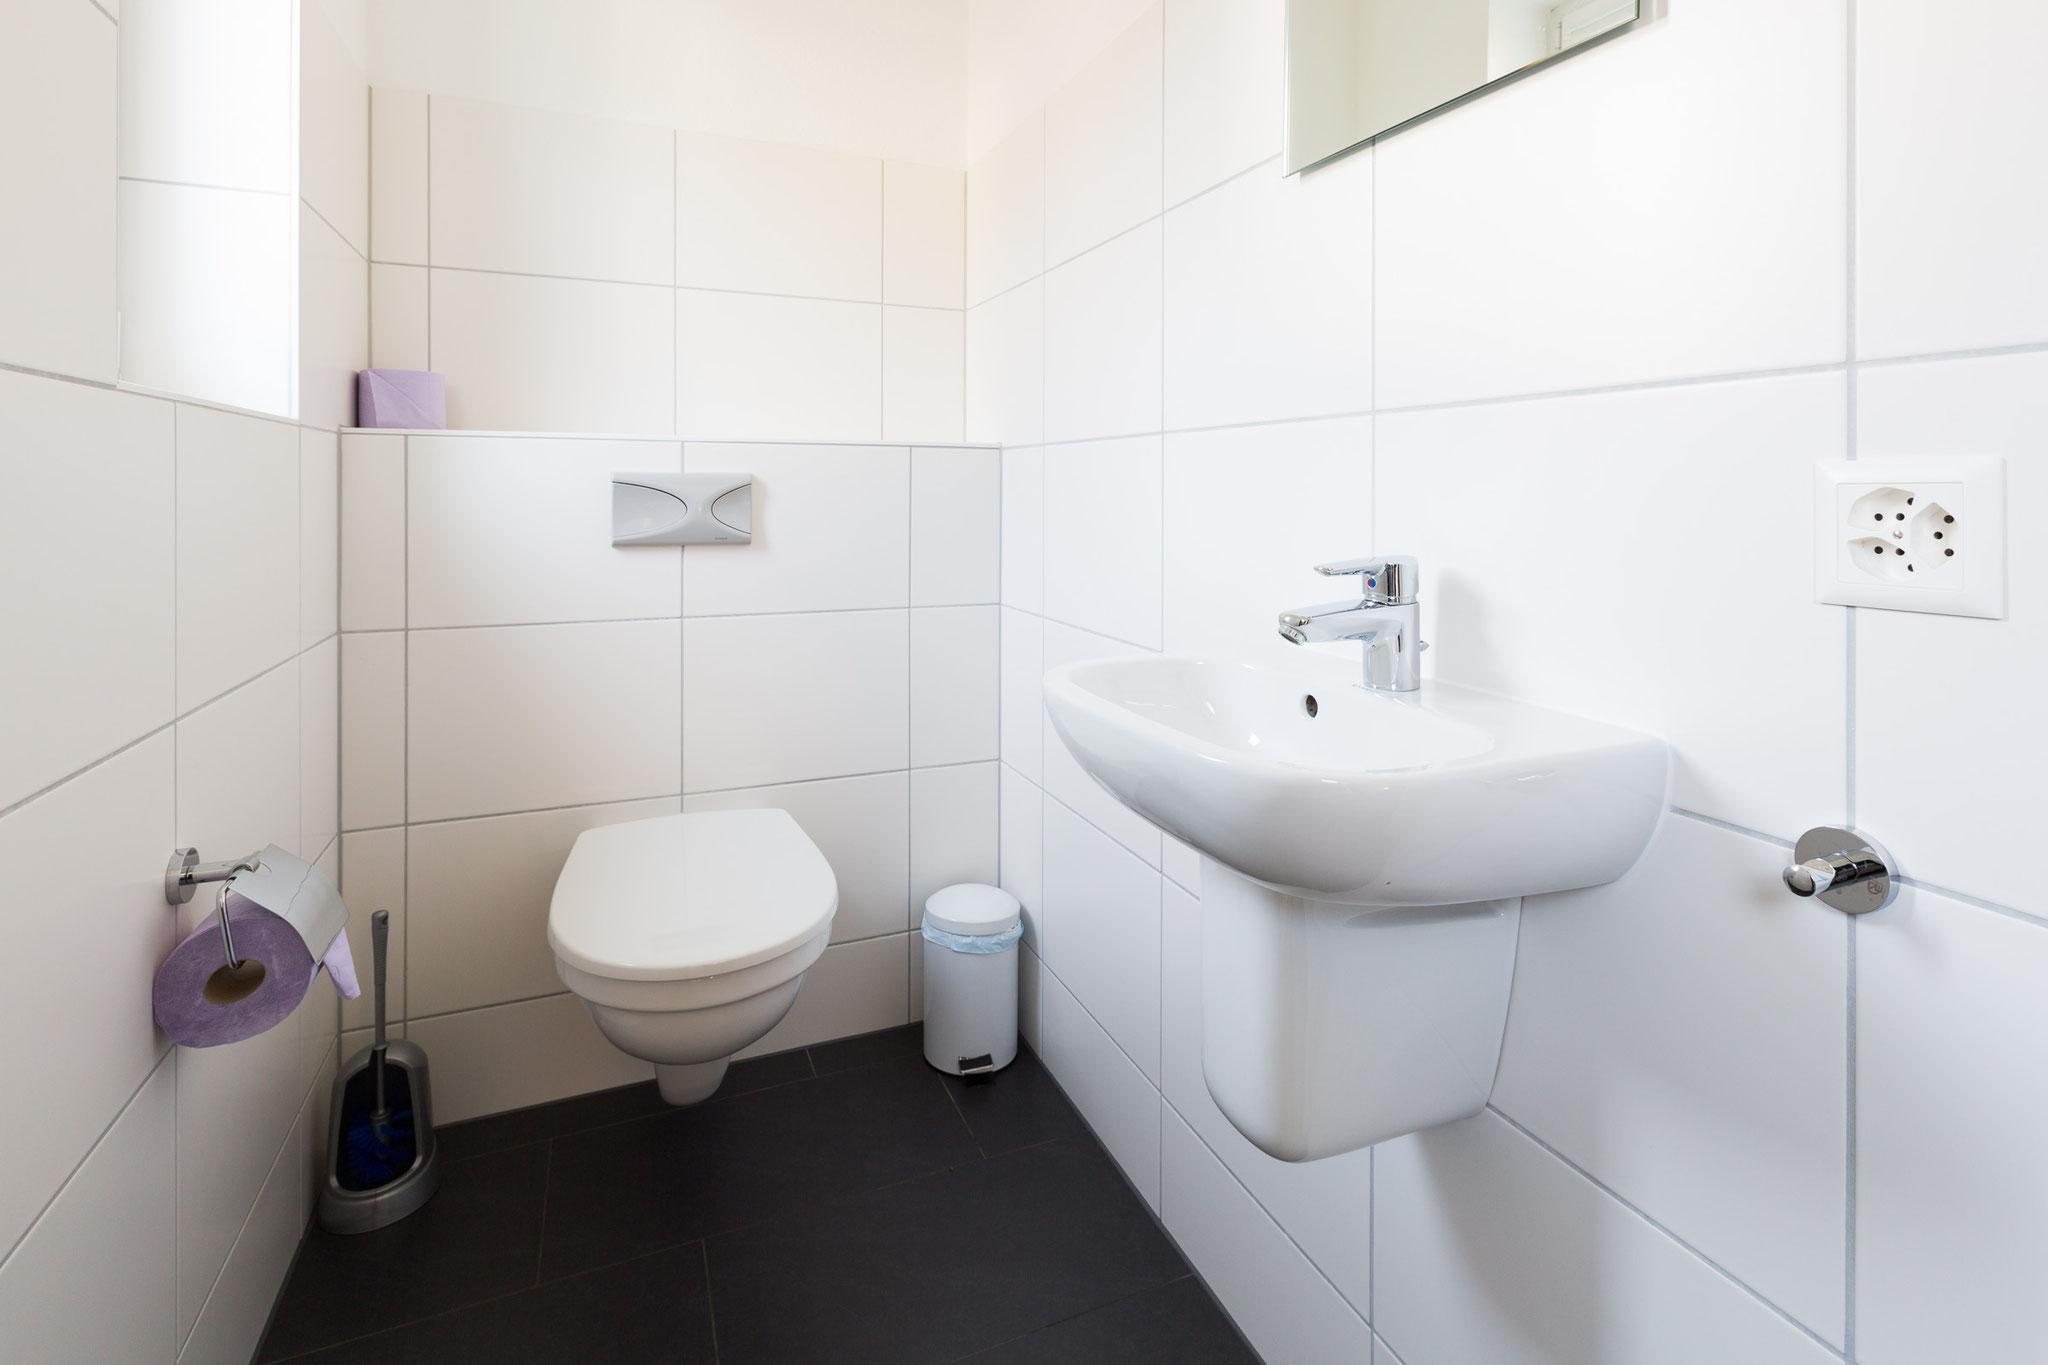 extra toilet (1st floor)